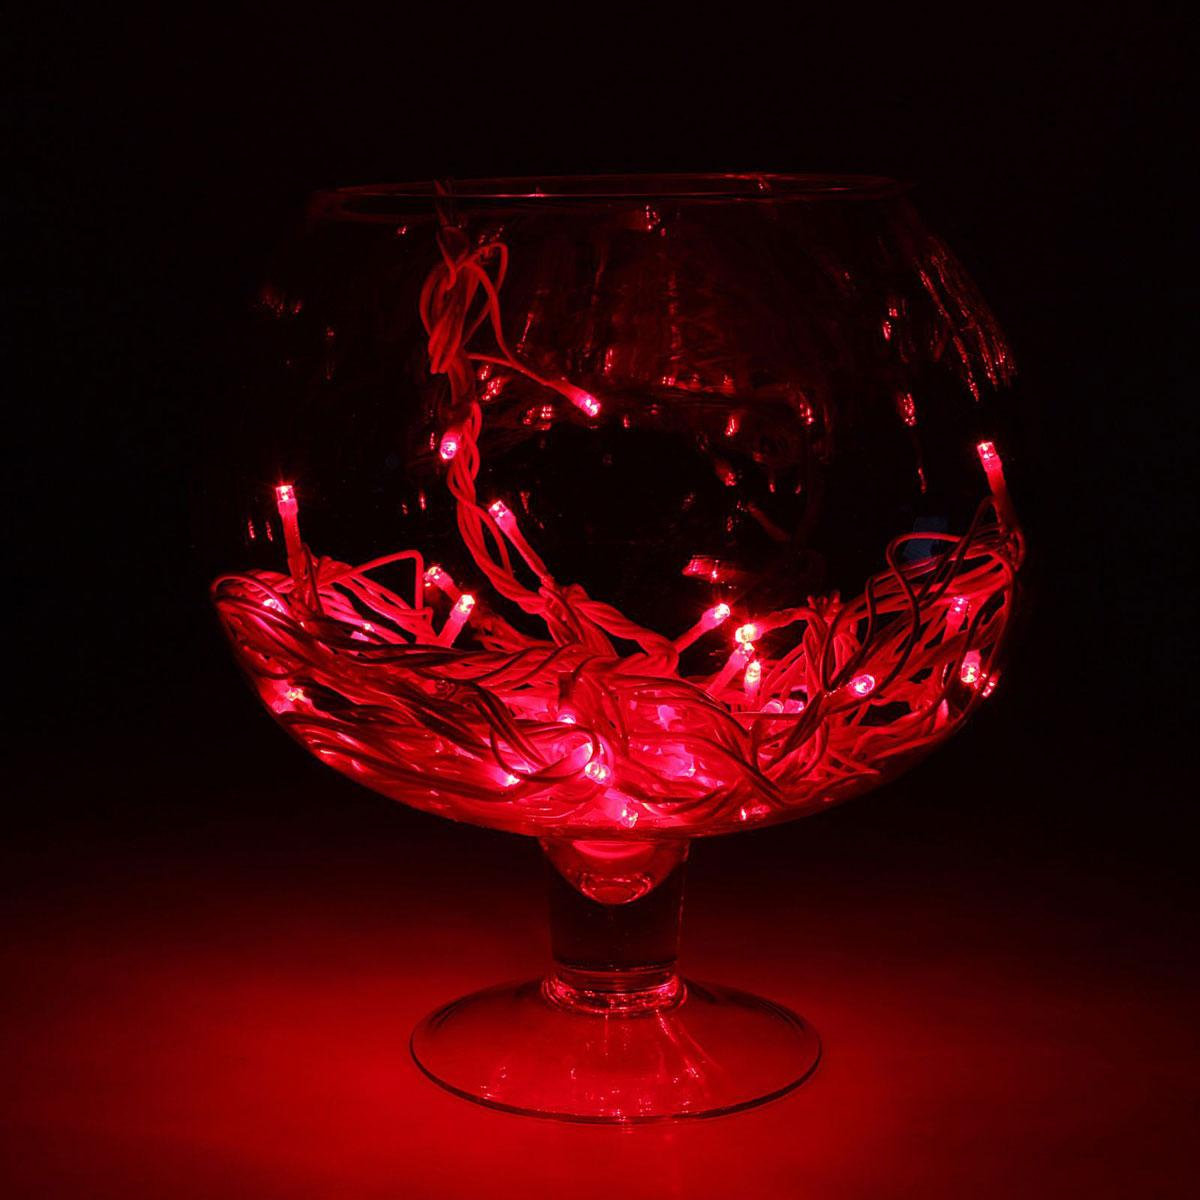 Гирлянда светодиодная Luazon Метраж, уличная, 50 ламп, 220 V, 5 м, цвет: красный. 1080021